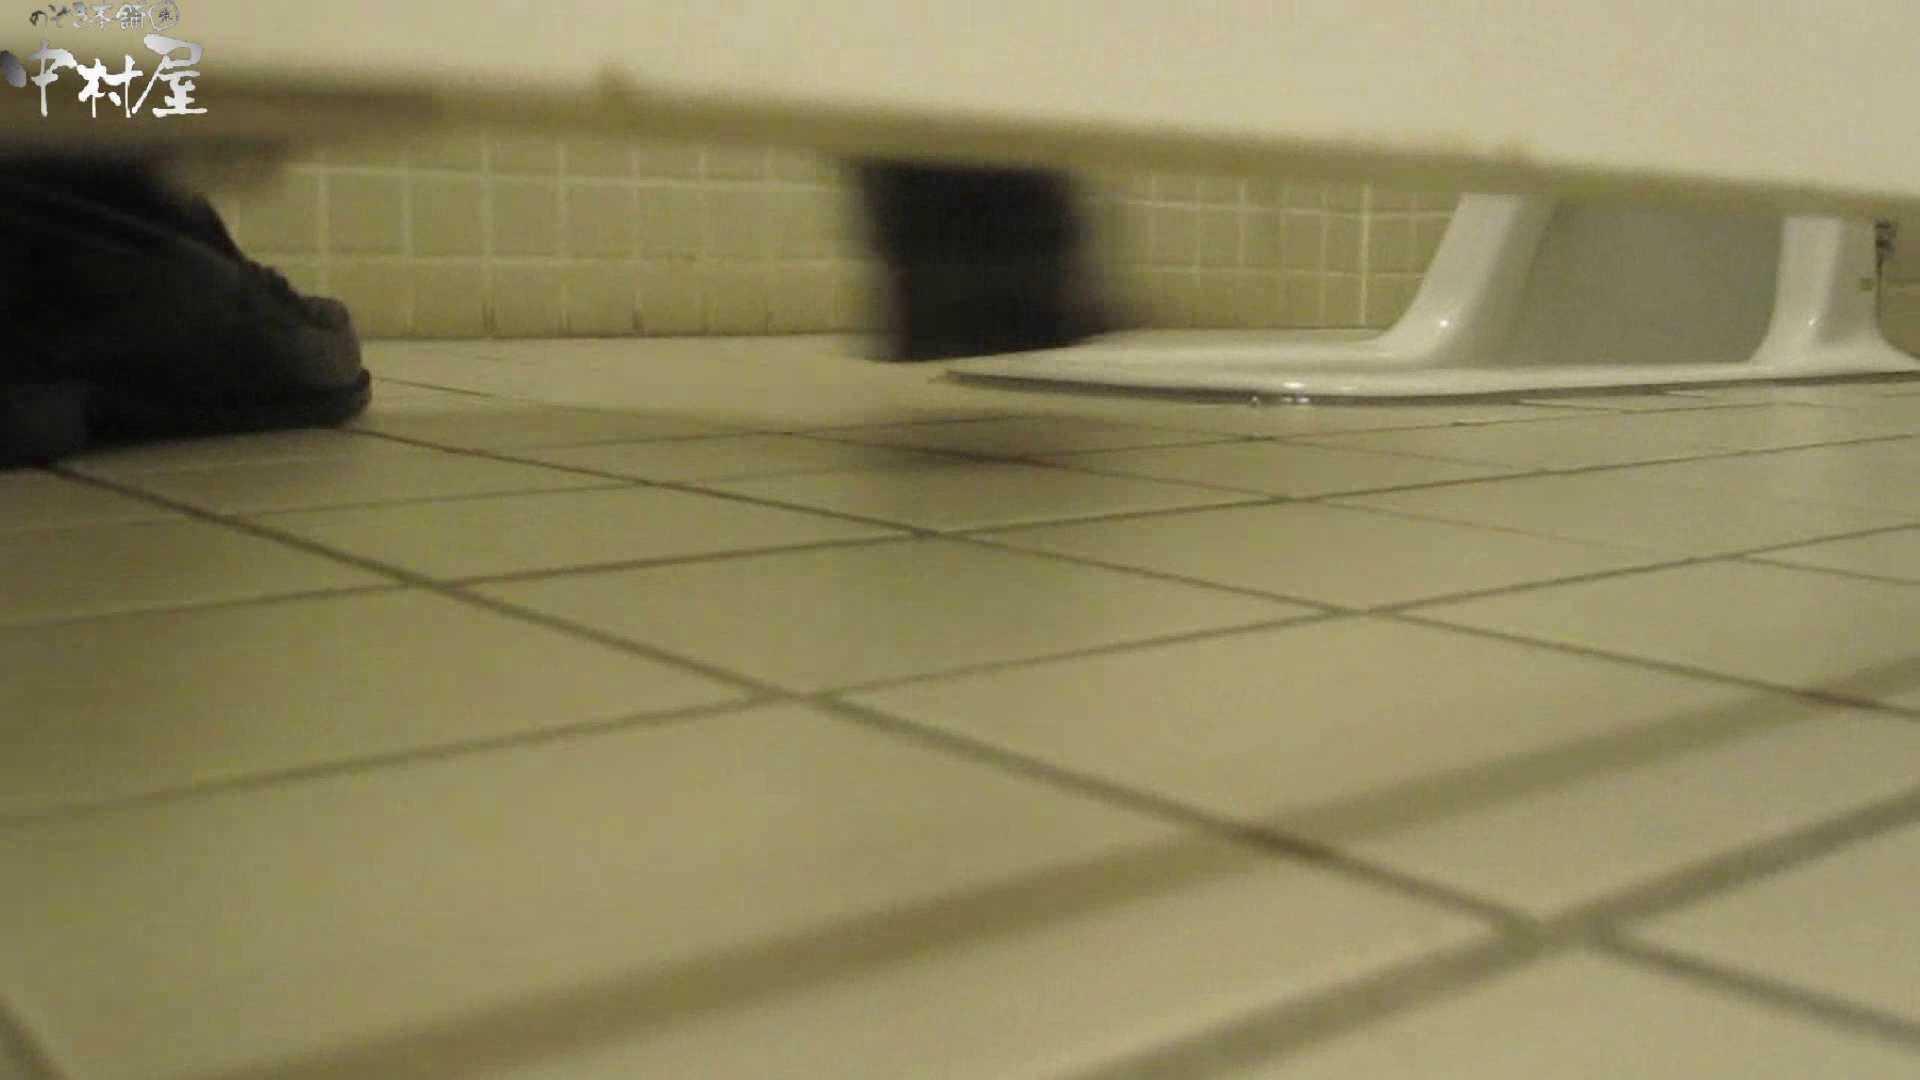 トイレ盗撮|魂のかわや盗撮62連発! 黒パンストギャル! 42発目!|のぞき本舗 中村屋